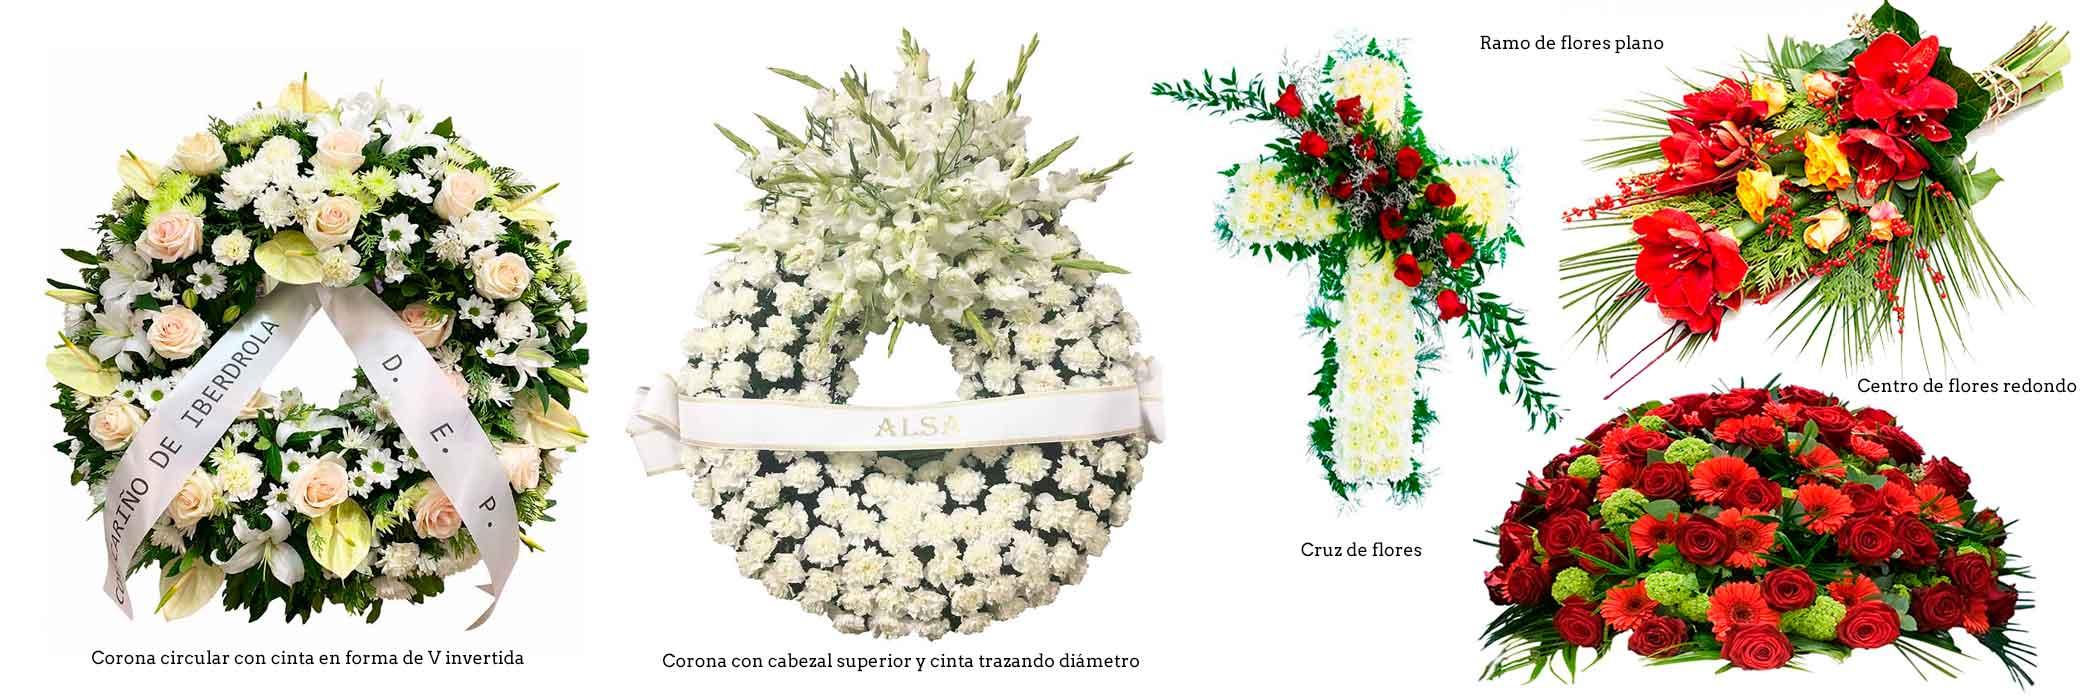 Coronas Y Flores Para Tanatorios De Madrid Las Flores El